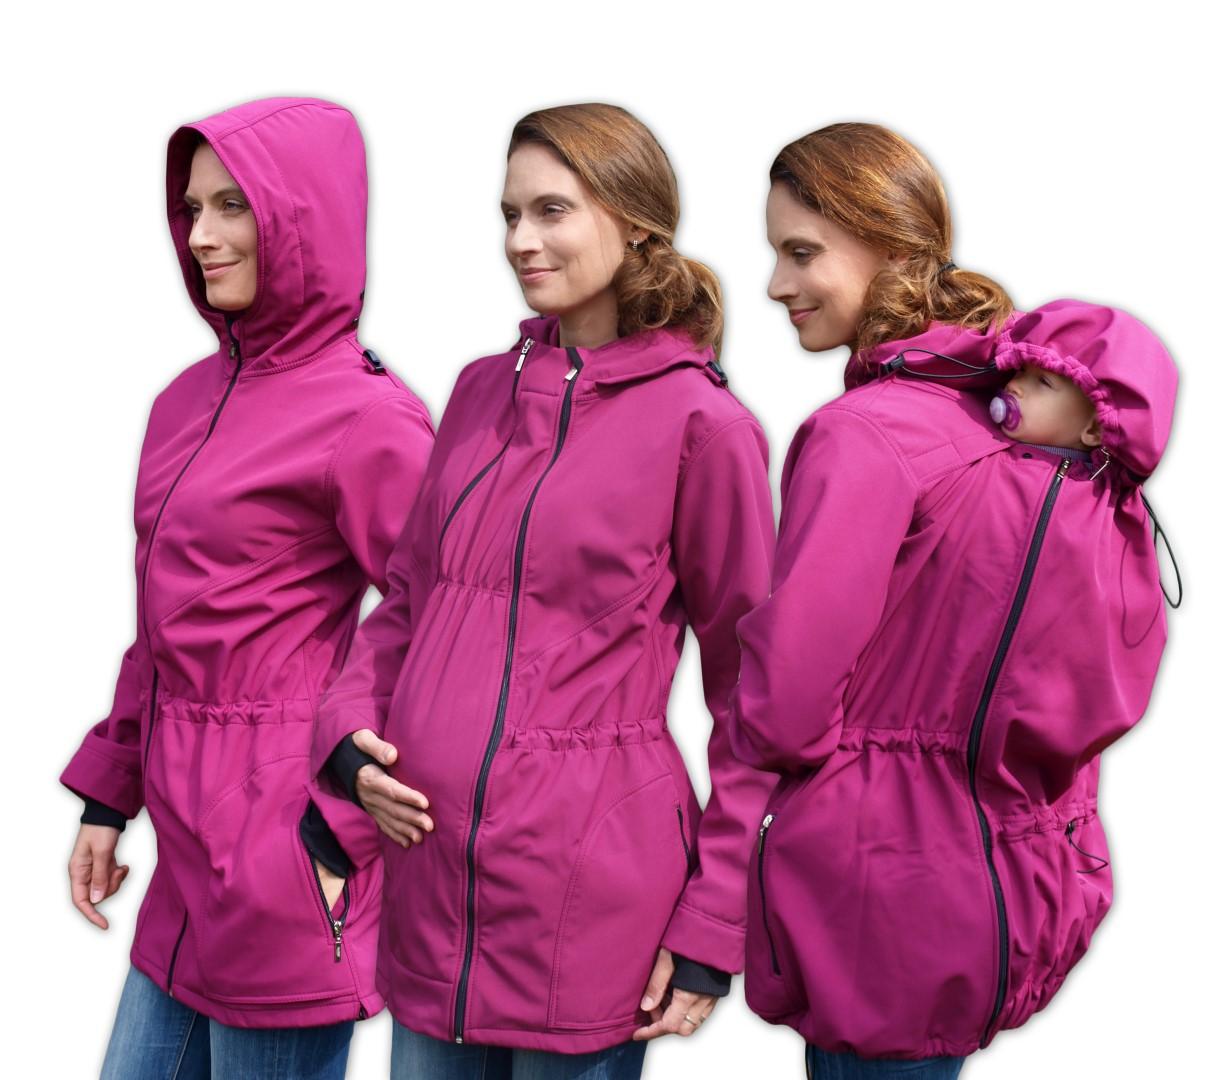 Softshellová těhotenská a nosící bunda Alice 2, fuchsiově růžová